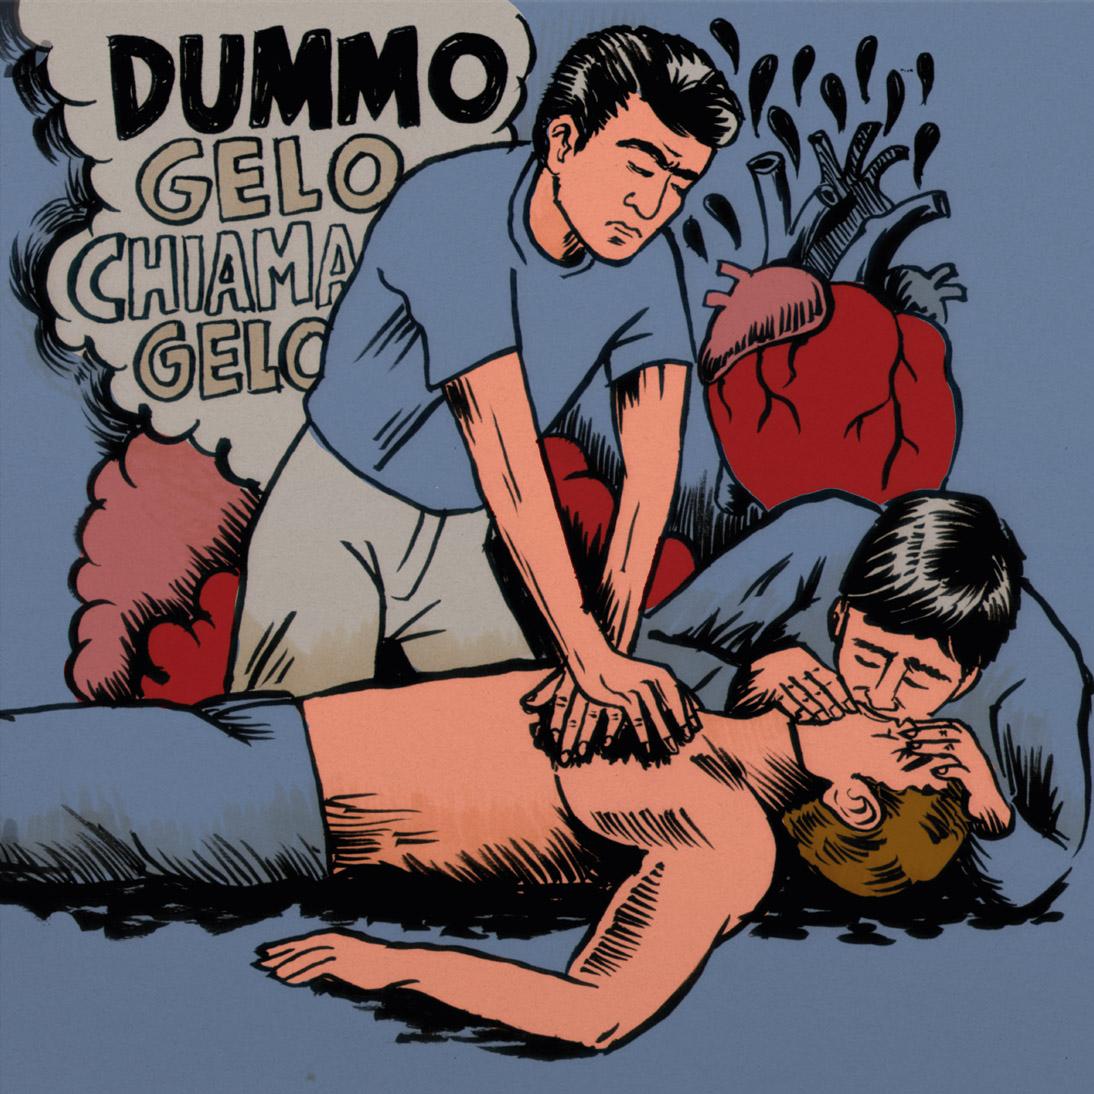 Dummo - Gelo chiama gelo (edizione limitata) LP